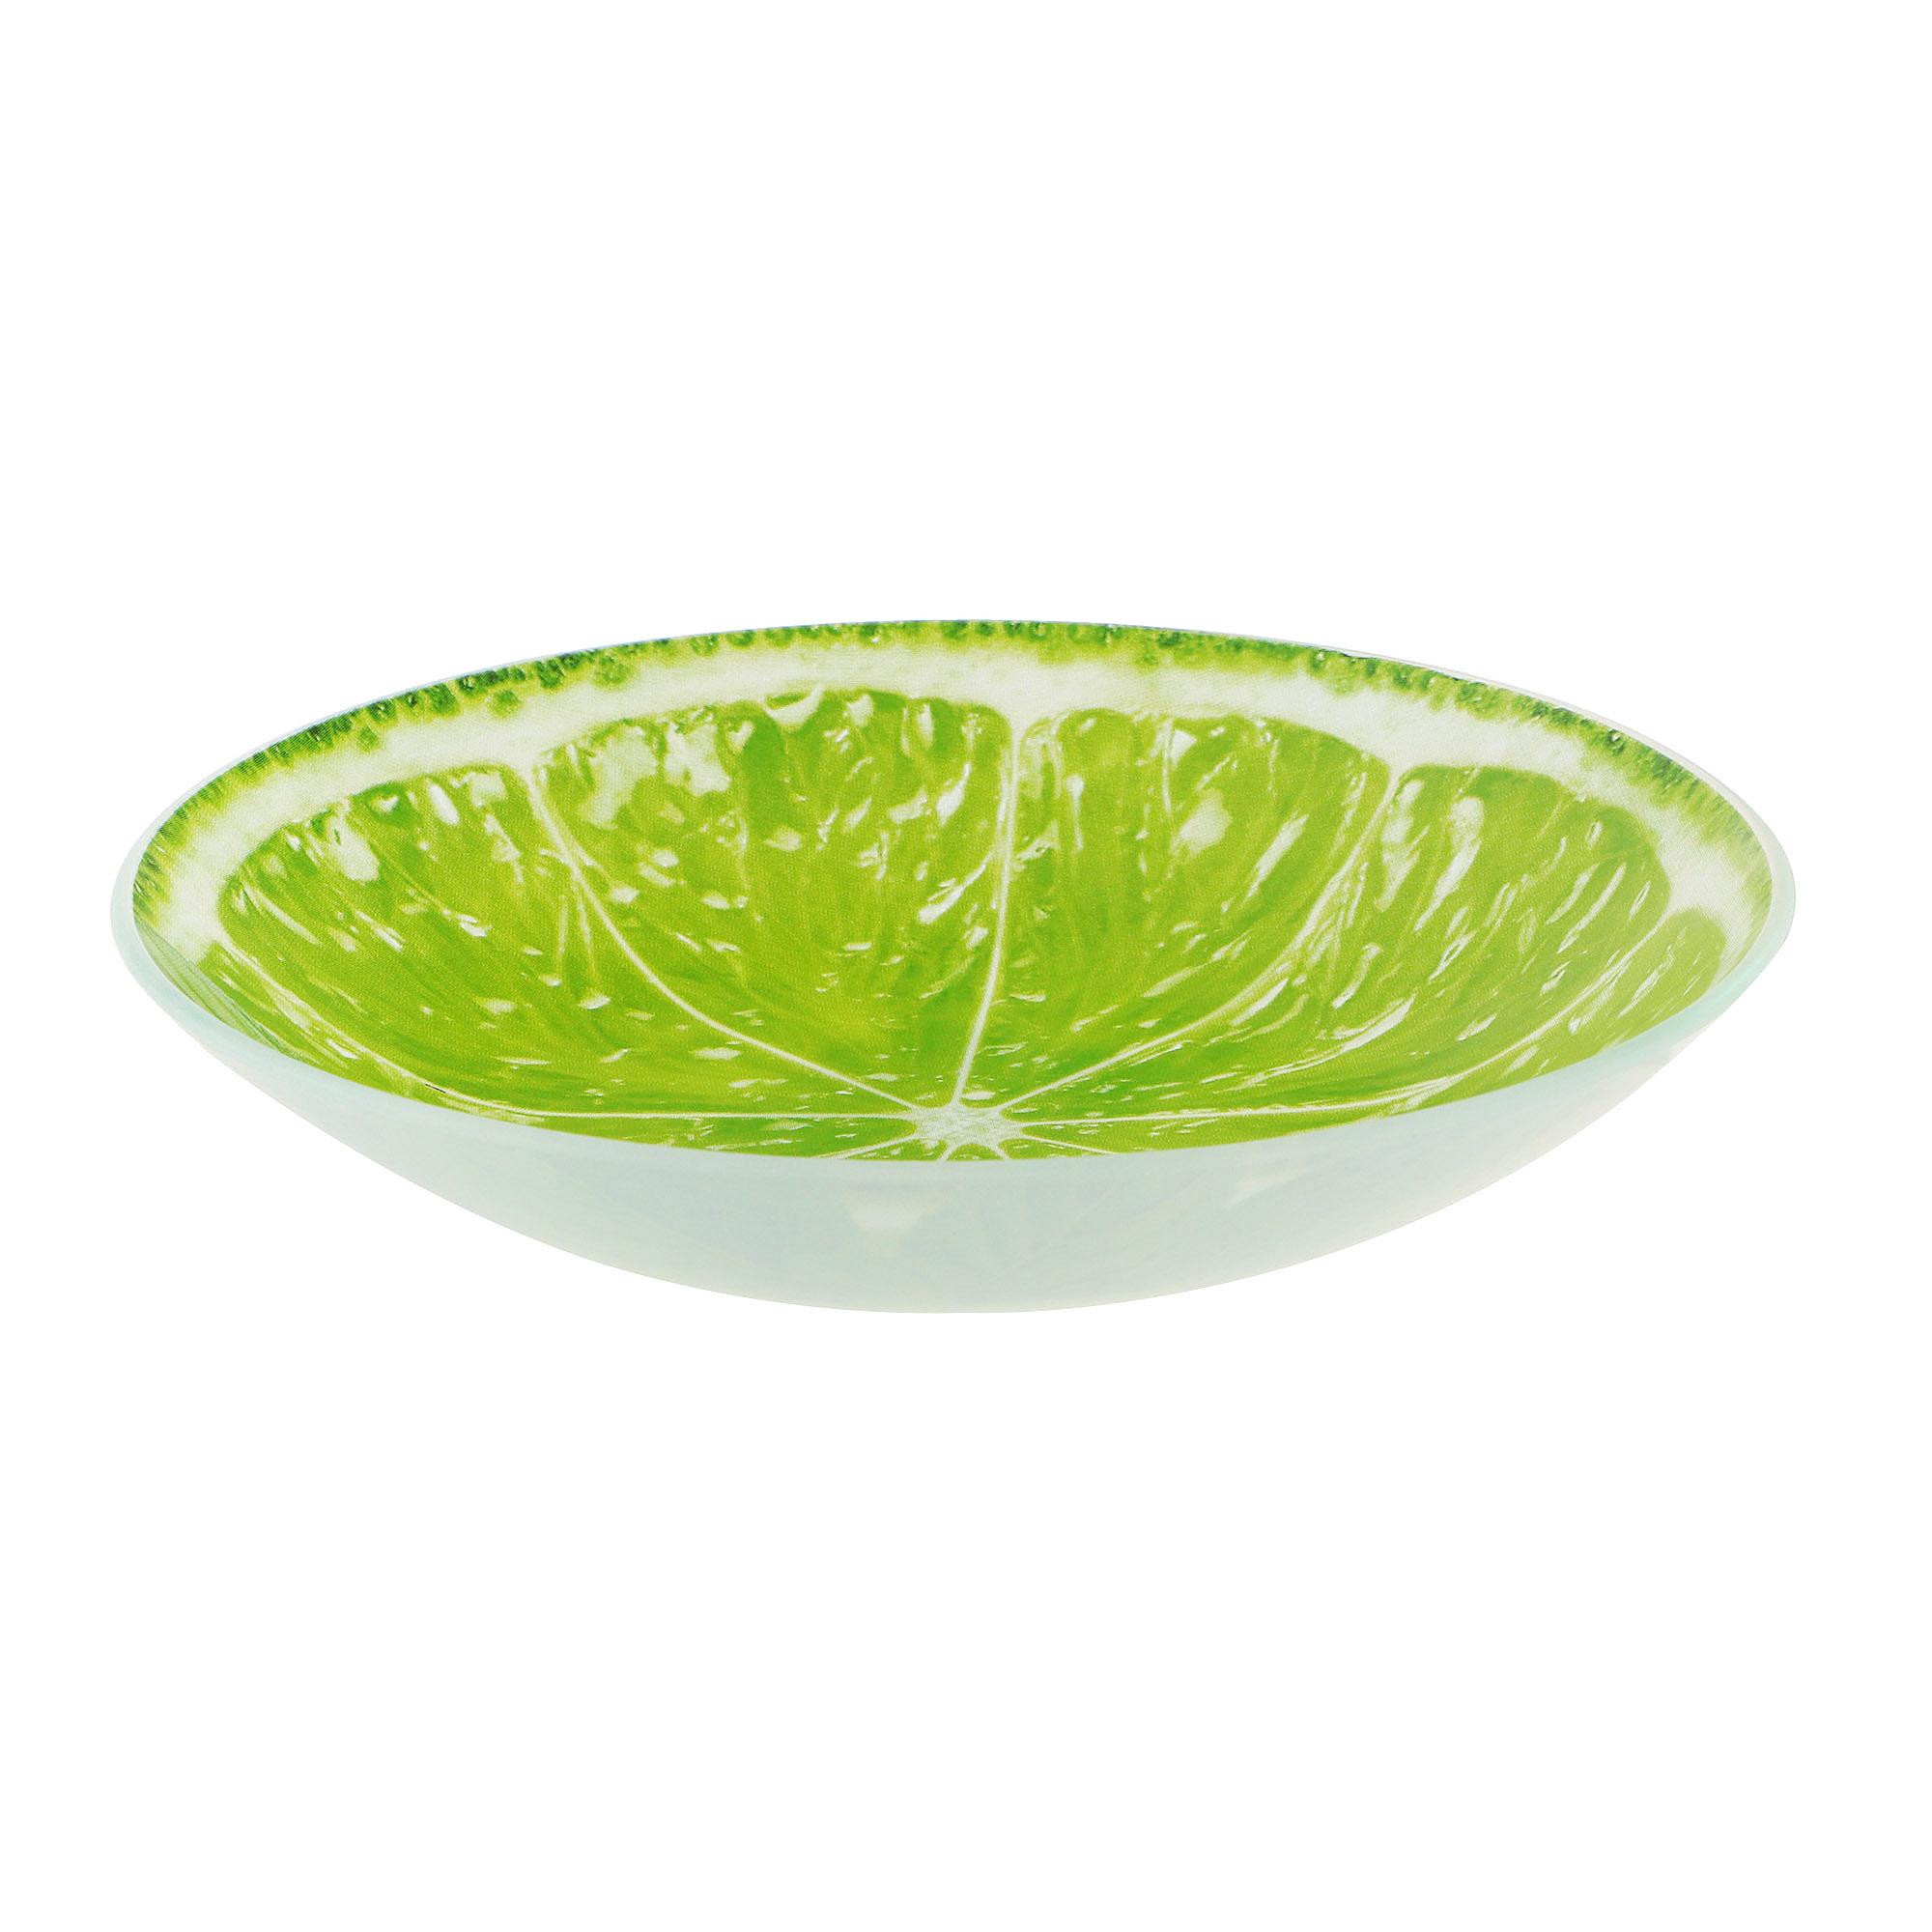 Тарелка глубокая Vellarti Лайм 20 см фото